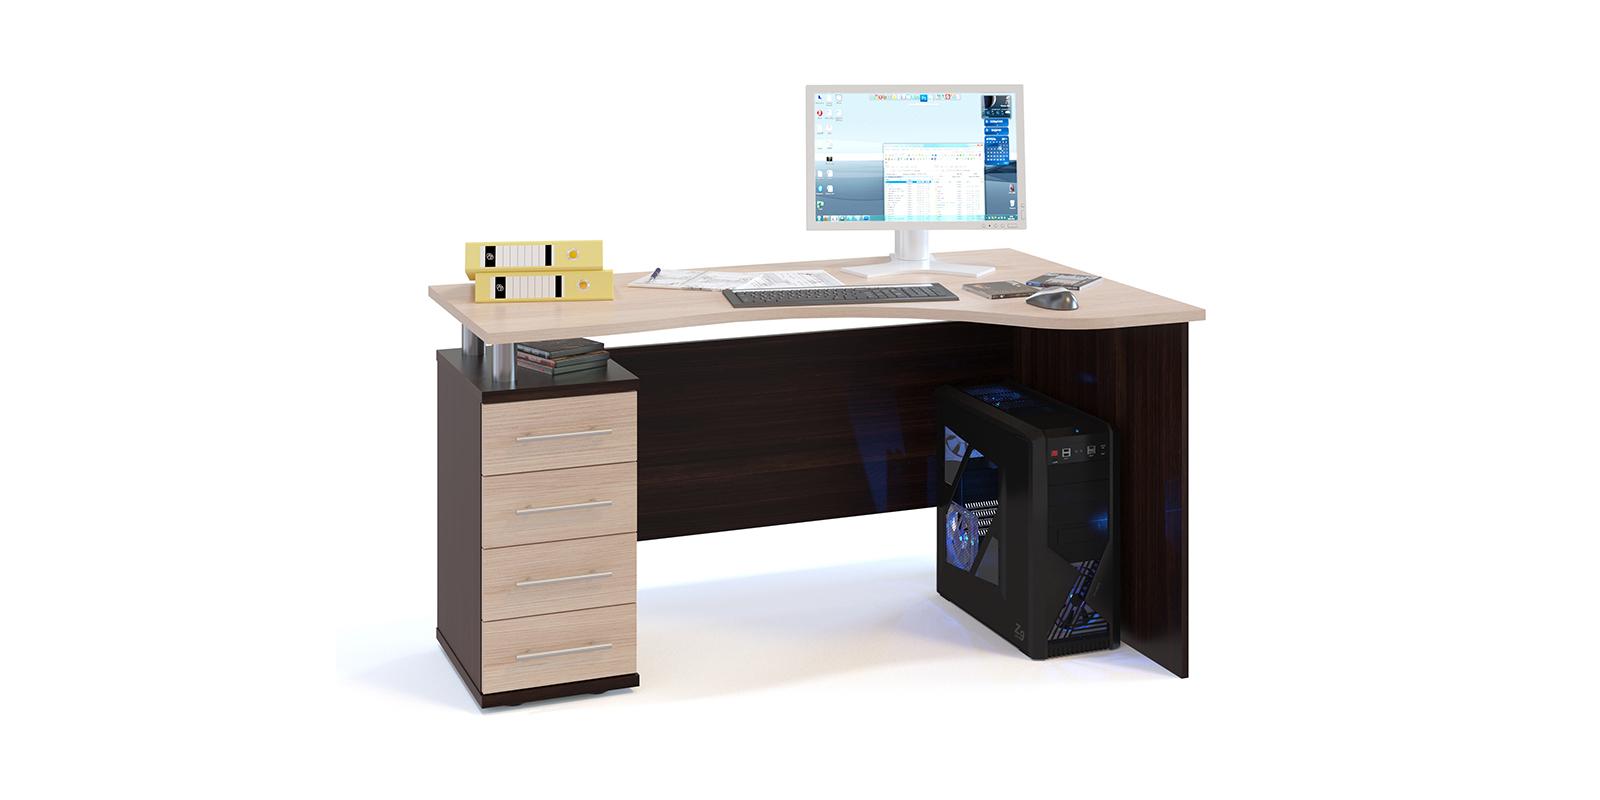 Стол компьютерный Мерида левый угол вариант №2 (венге/беленый дуб) Мерида